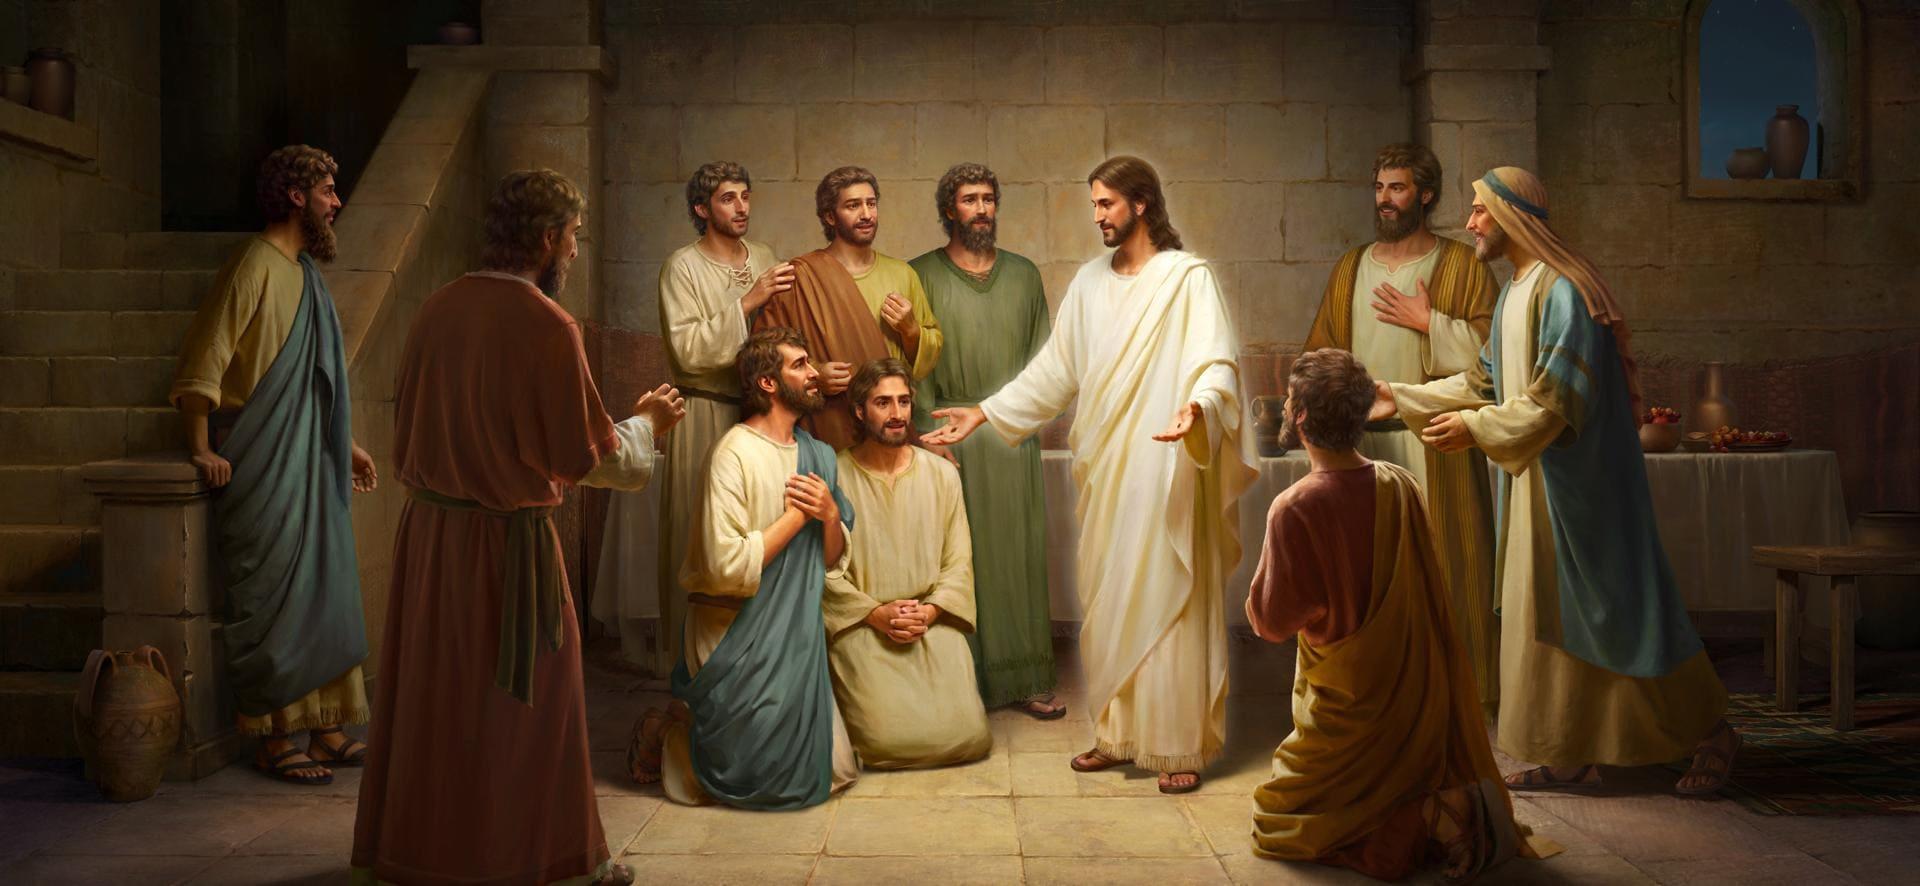 كلمات الرب يسوع لتلاميذه بعد قيامته